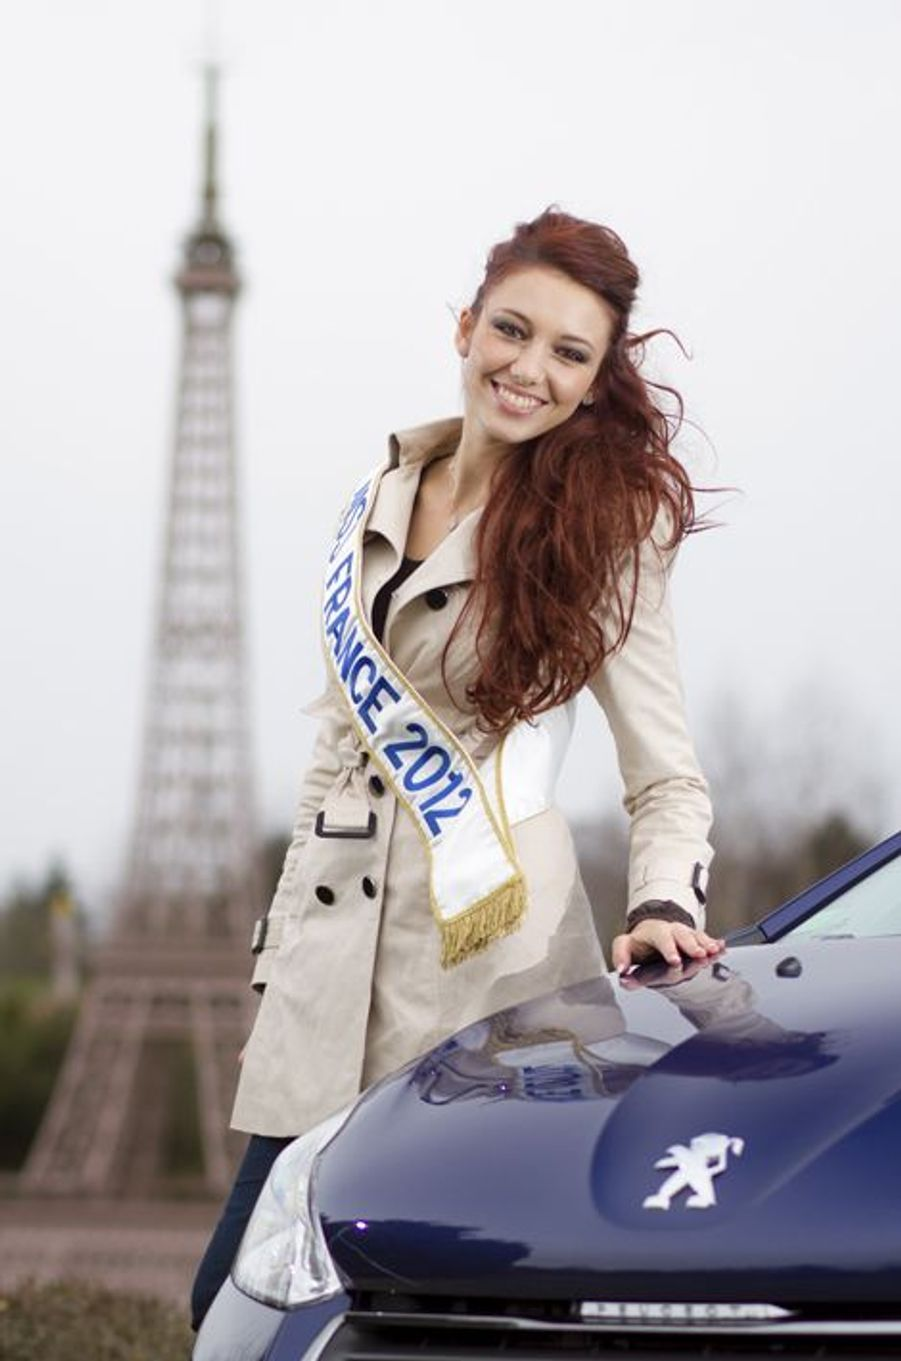 Delphine Wespiser avait 19 ans lorsqu'elle a été élue Miss France 2012 en décembre 2011.Mannequin, animatrice de télévision, actrice, chanteuse et femme politique française, la jeune femme s'était confiée auprès de Paris Match au moment de son élection. «J'ai un corps féminin, mais un intérieur très masculin ! Là, je me retiens, normalement je parle un peu comme un garçon. J'aime bien parler fort. Je ne suis pas bourrue, ni gaillarde, ce ne sont pas les bons mots... non, je suis... entière. Franche comme un garçon. Depuis la maternelle, je n'ai que des amis gars : les filles font toujours des histoires. Aujourd'hui encore, j'ai neuf copains, je suis la seule fille, la reine du harem inversé !»